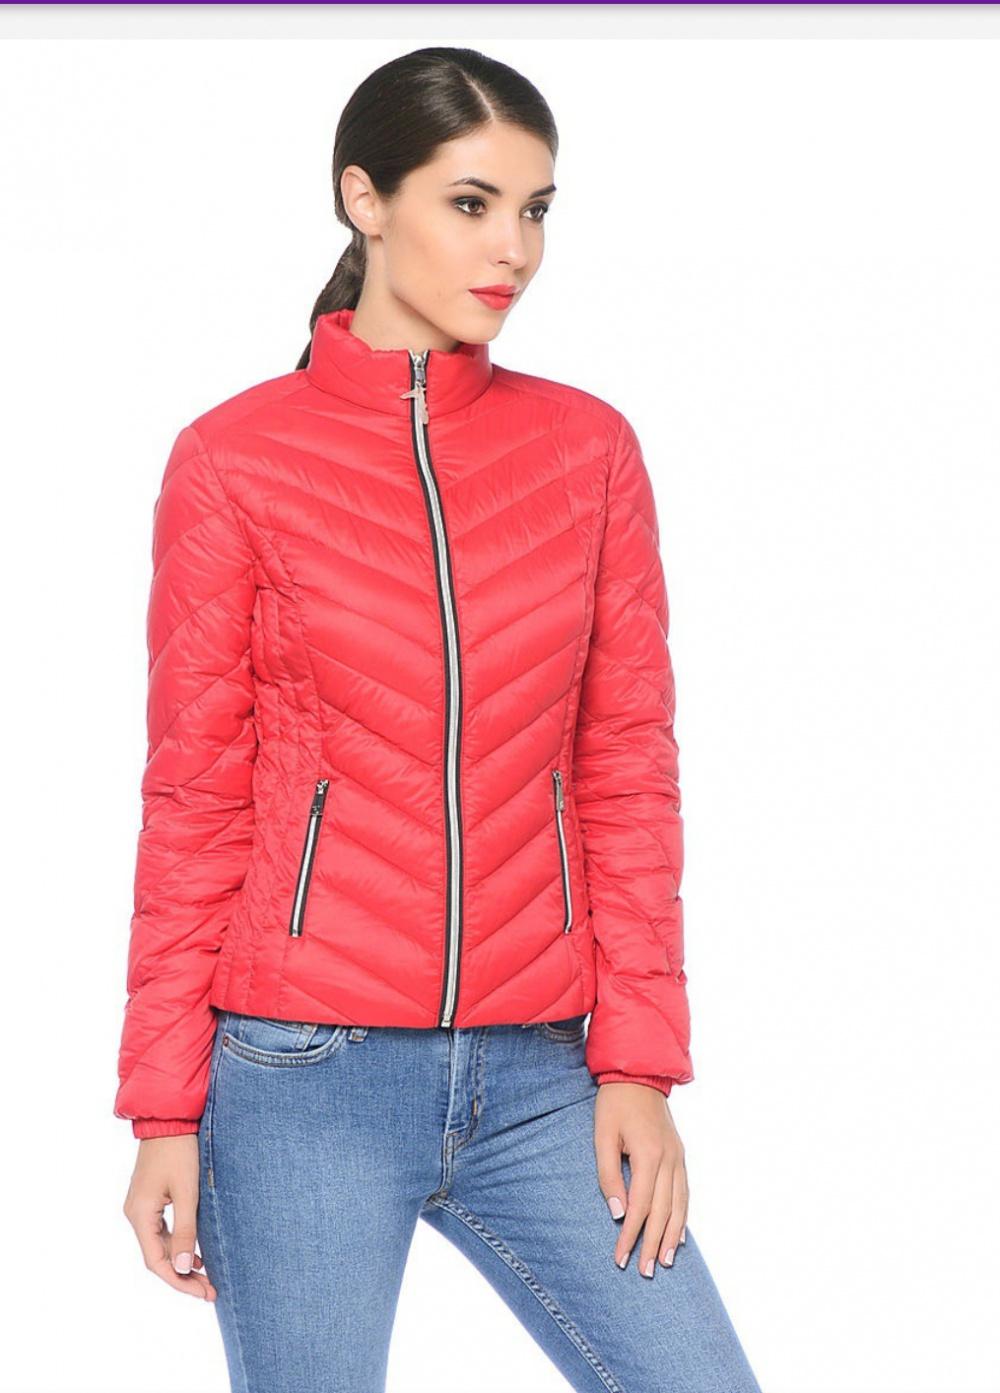 Куртка Trussardi, 44 (42 ит) размер